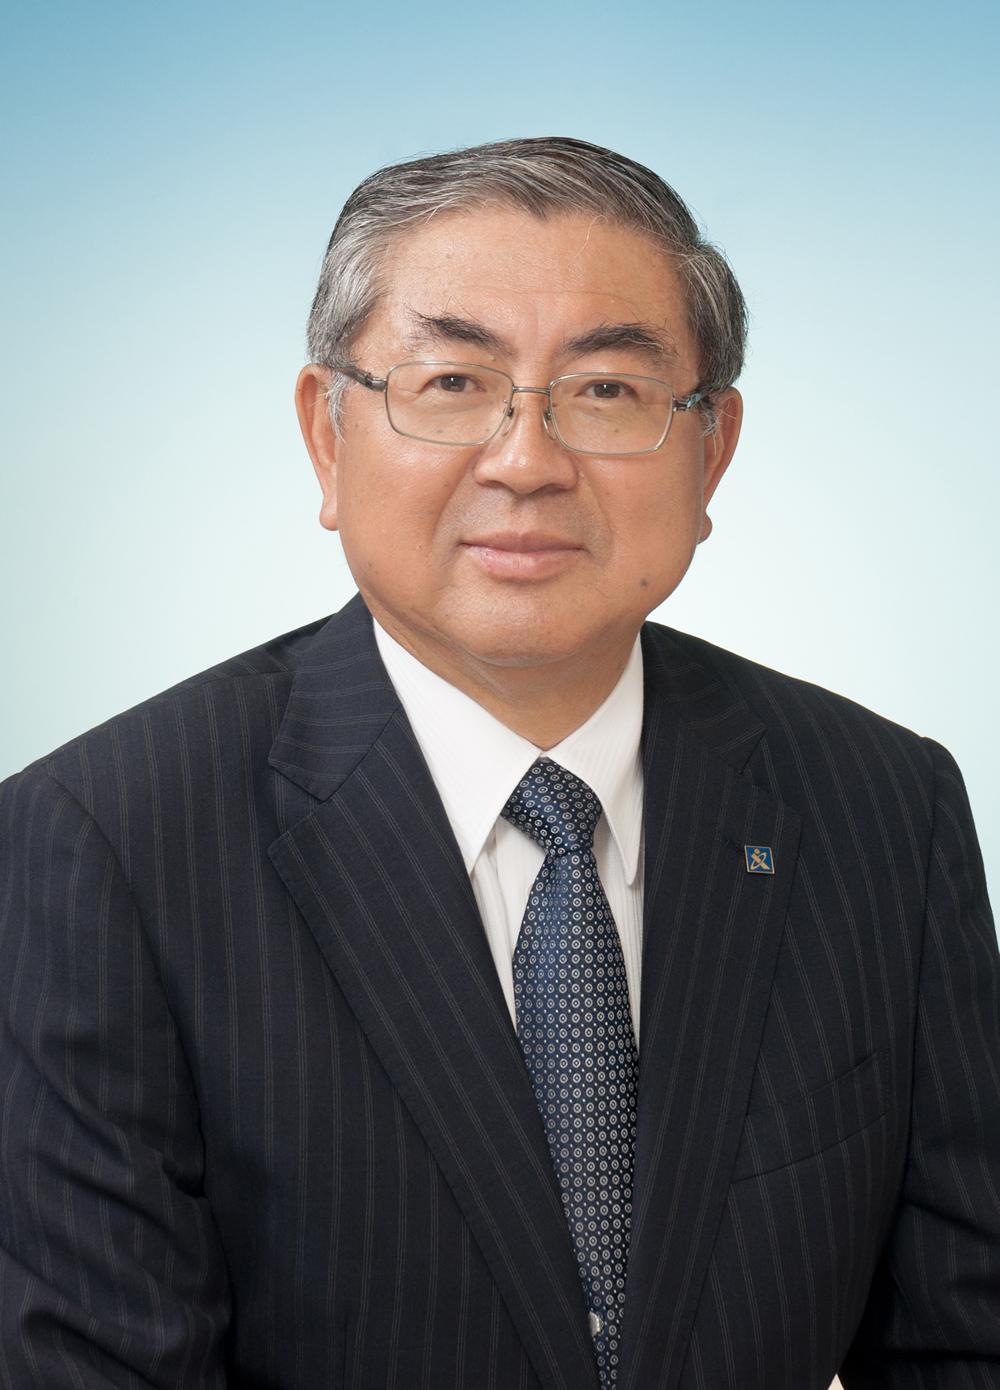 第2代理事長に佐藤均氏が就任